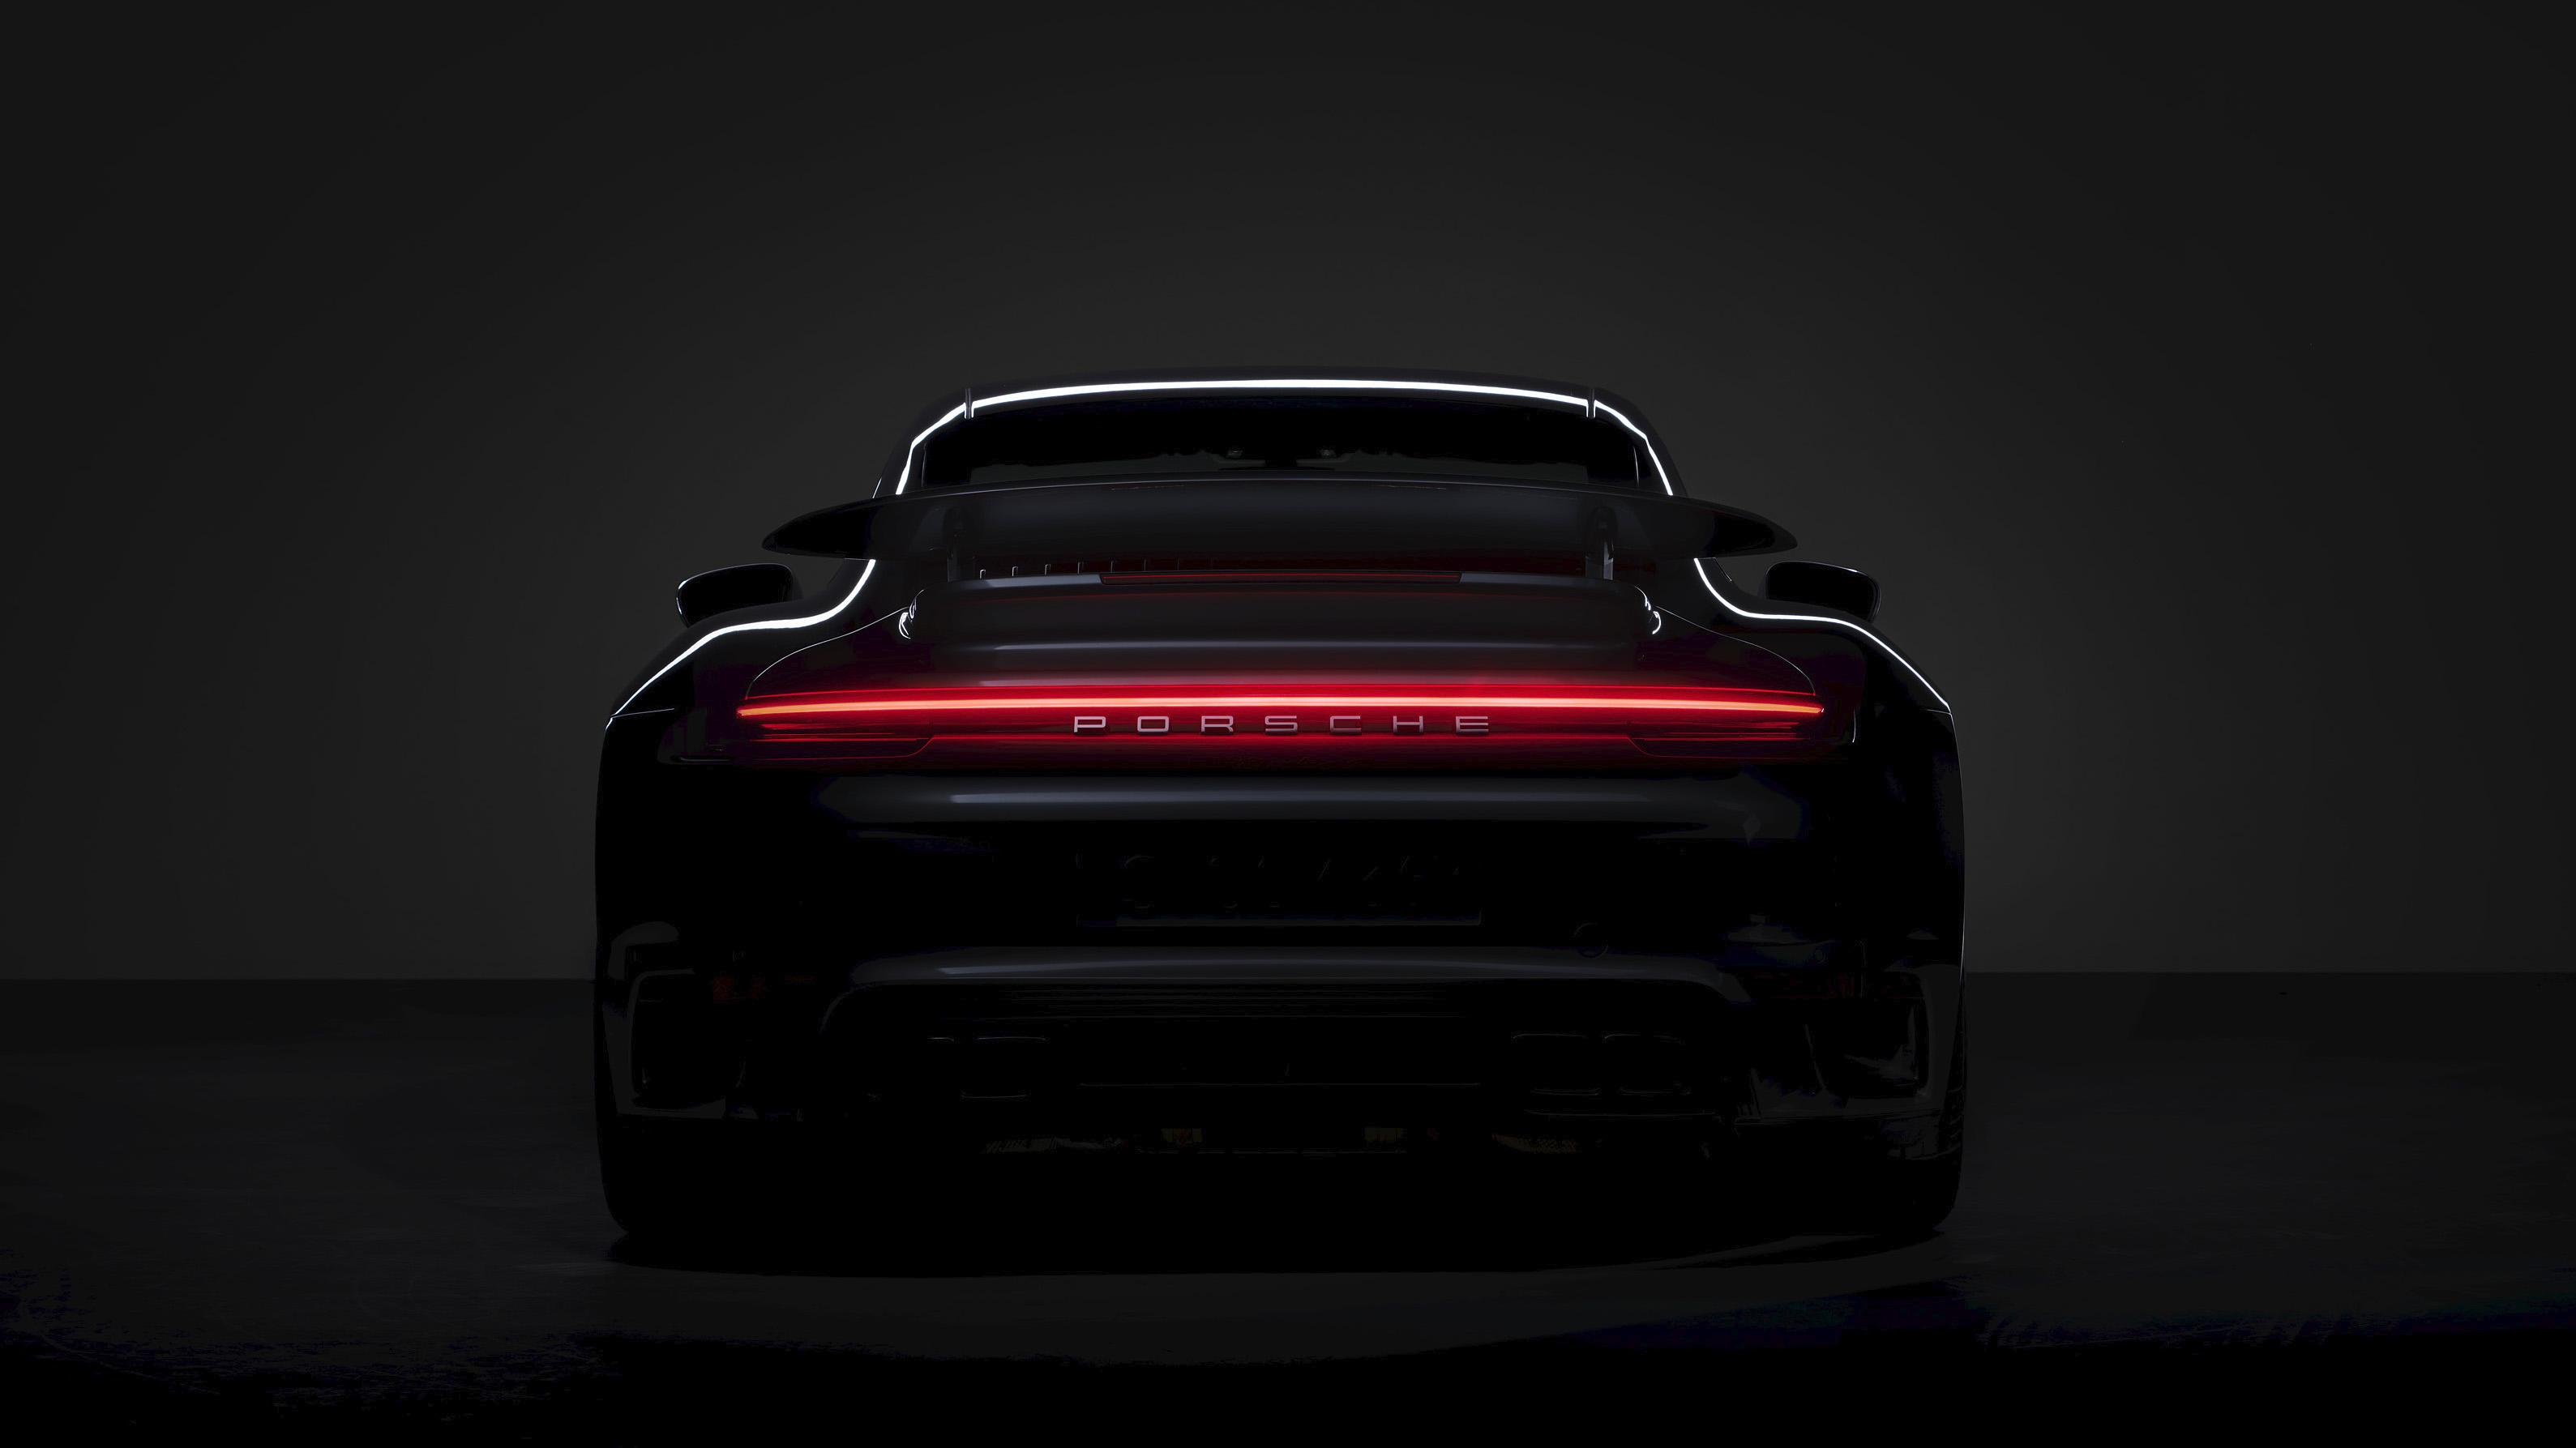 只有武漢病毒不是 911 迷!Porsche 明日傍晚線上發表 992 Turbo S